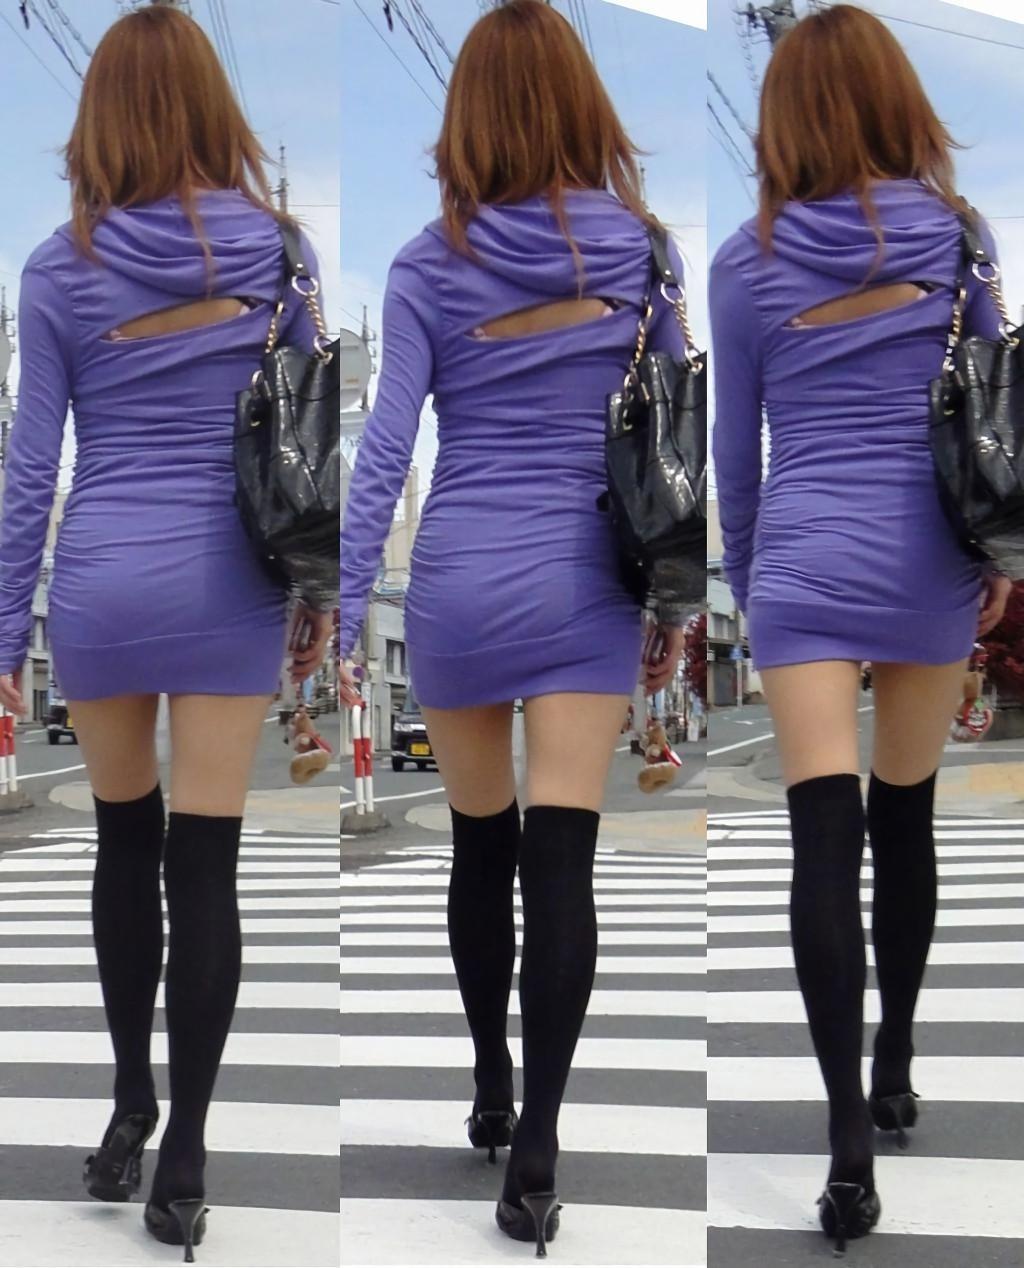 三次元 3次元 エロ画像 ミニスカート 美脚 べっぴん娘通信 09